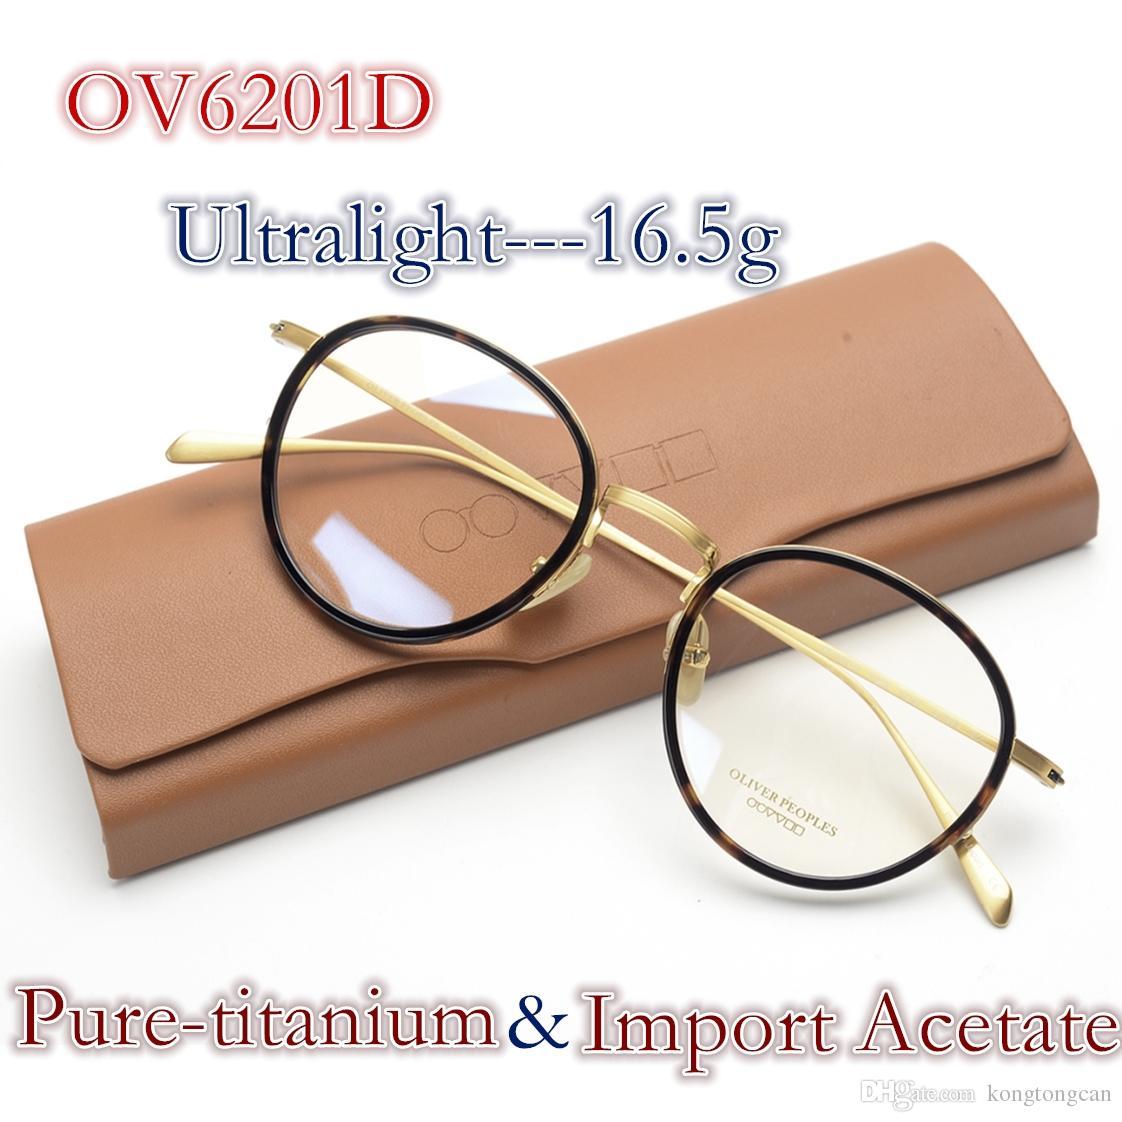 1770d24a2b16d Compre Vintage Retro Oliver Povos OV6201D Óculos Pure Titanium Acetato  Quadro Mulheres Homem Marca Design Caixa Original E Caso Prescrição Lens De  ...